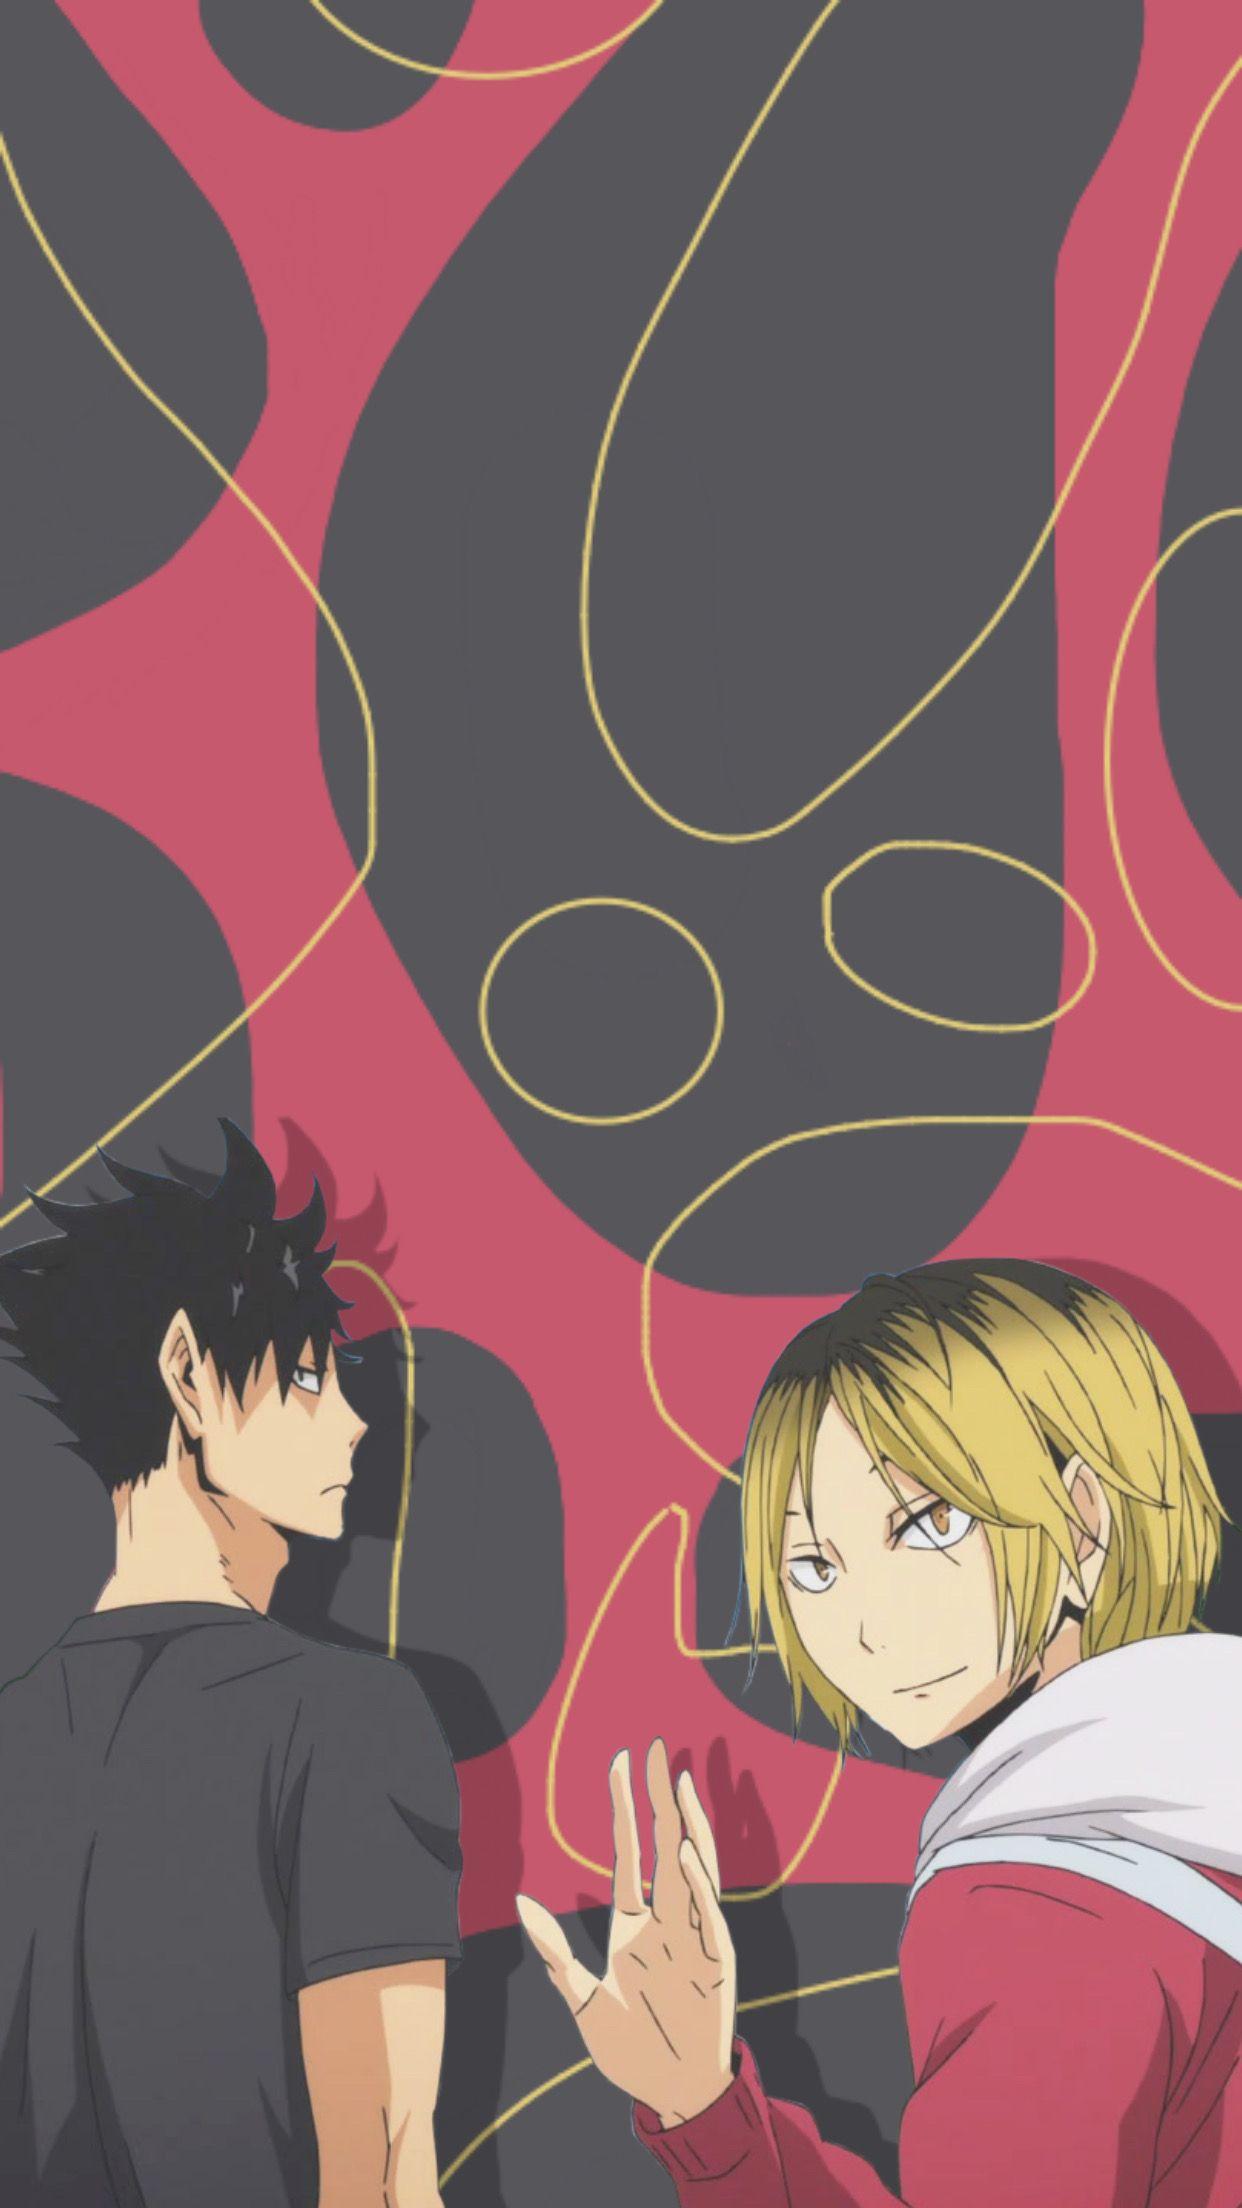 Haikyuu Kuroo Tetsurō And Kozume Kenma Wallpaper Aesthetic In 2020 Haikyuu Anime Kenma Anime